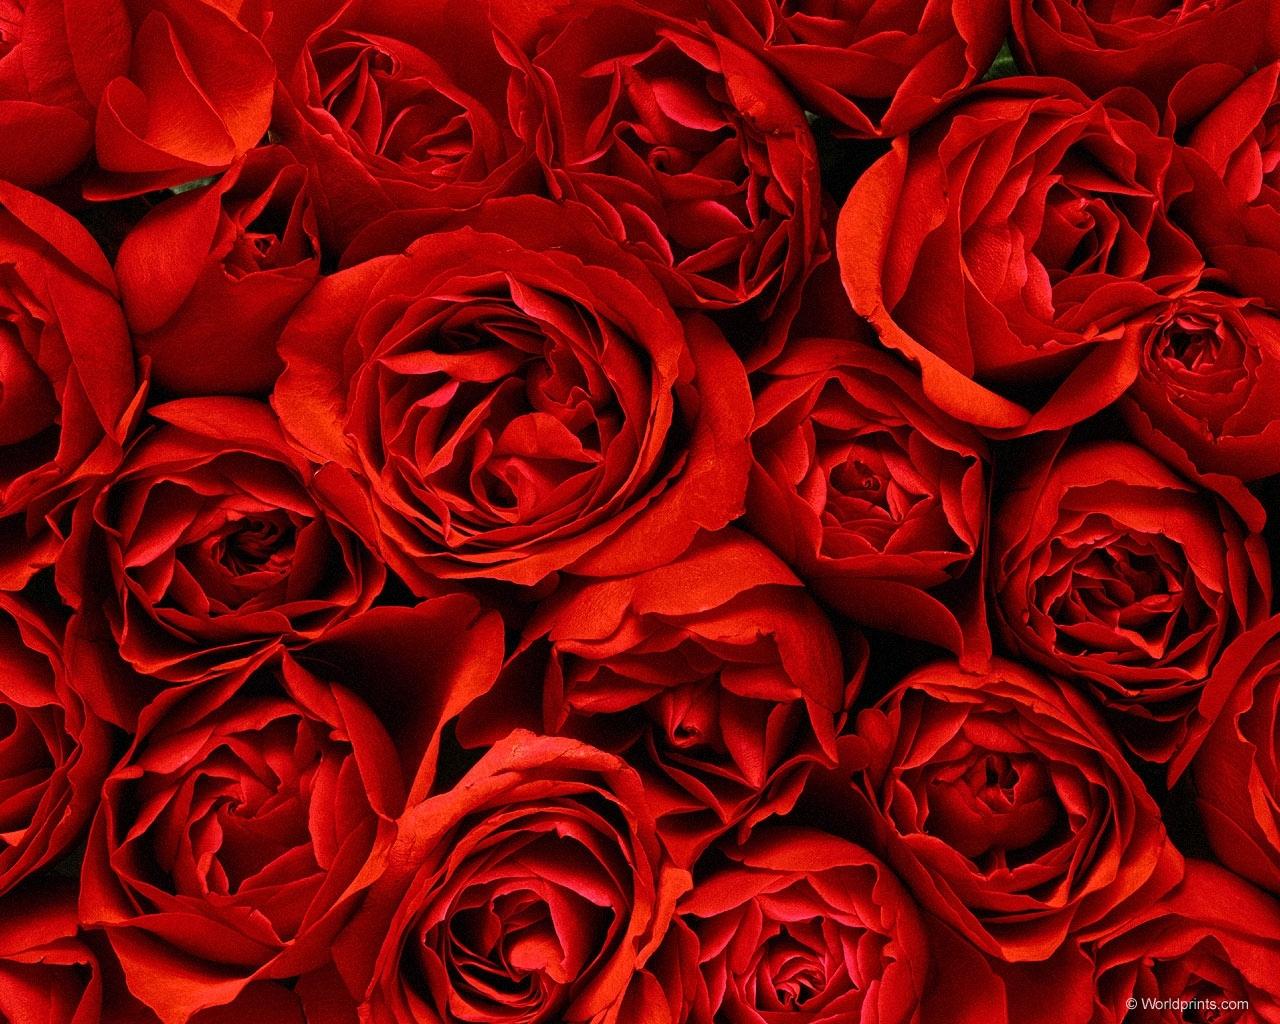 10599 descargar fondo de pantalla Plantas, Flores, Fondo, Roses: protectores de pantalla e imágenes gratis